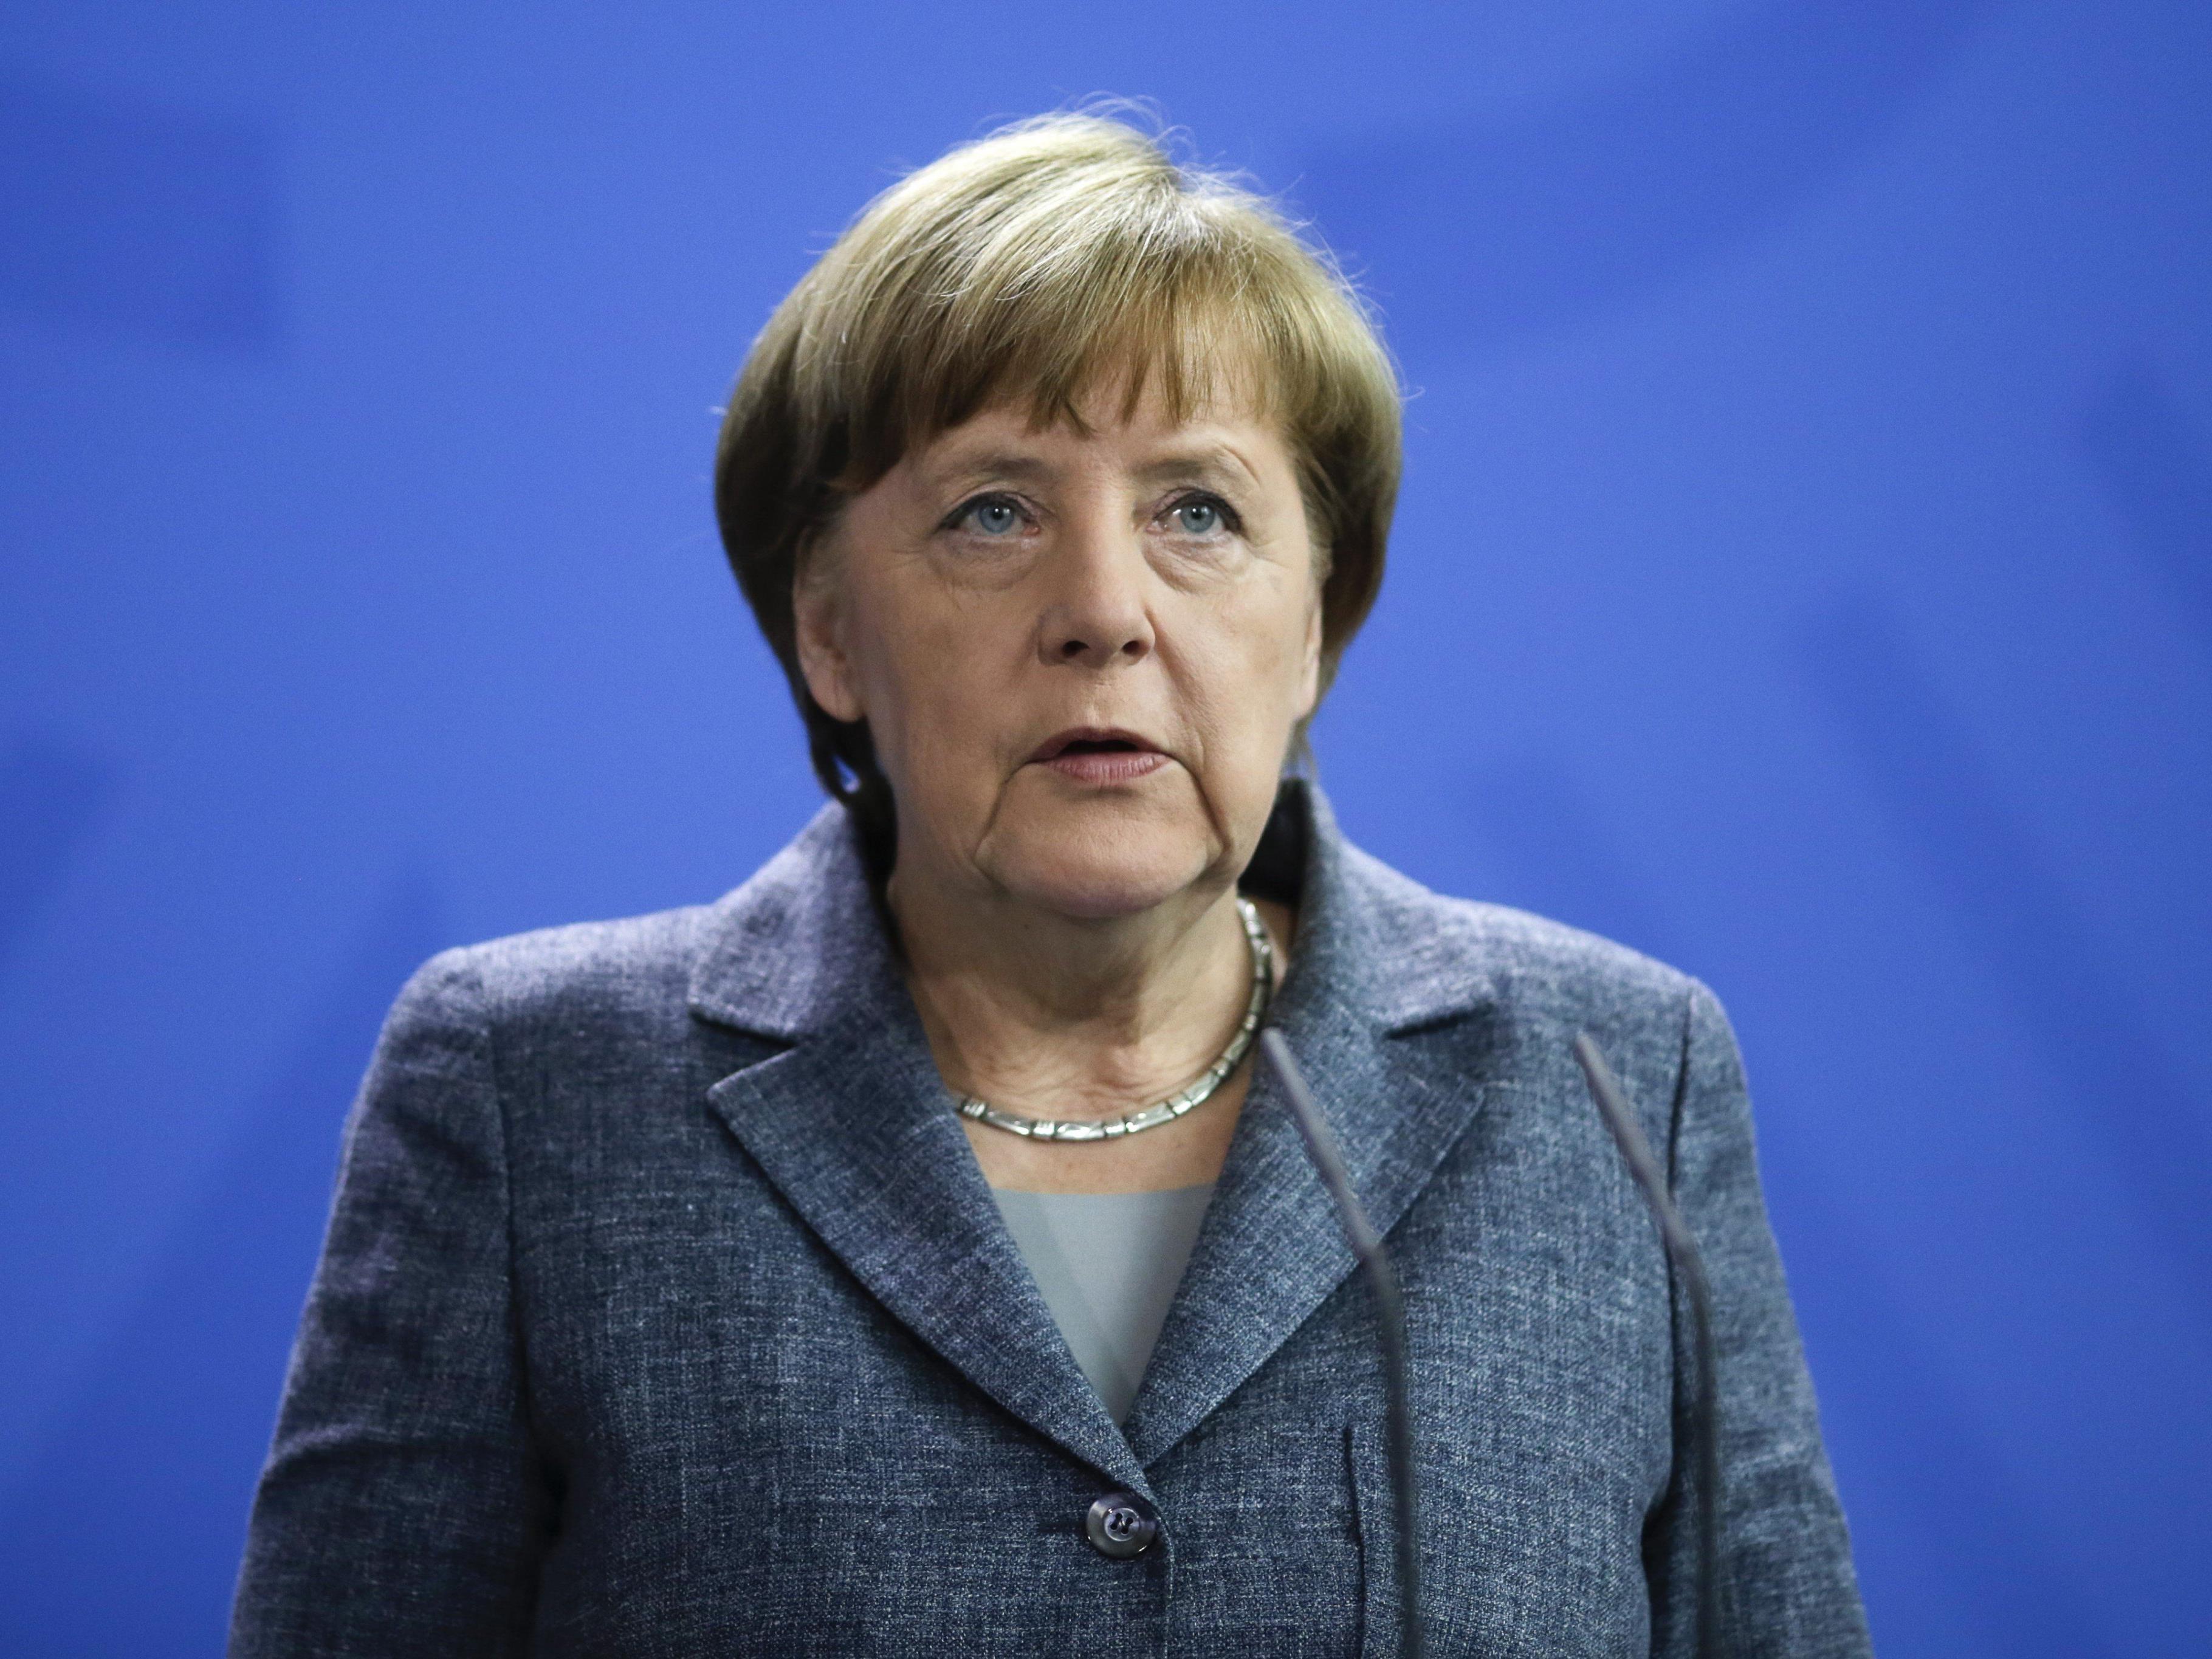 Angela Merkel schlägt in der Causa viel Kritik entgegen. Zu recht?